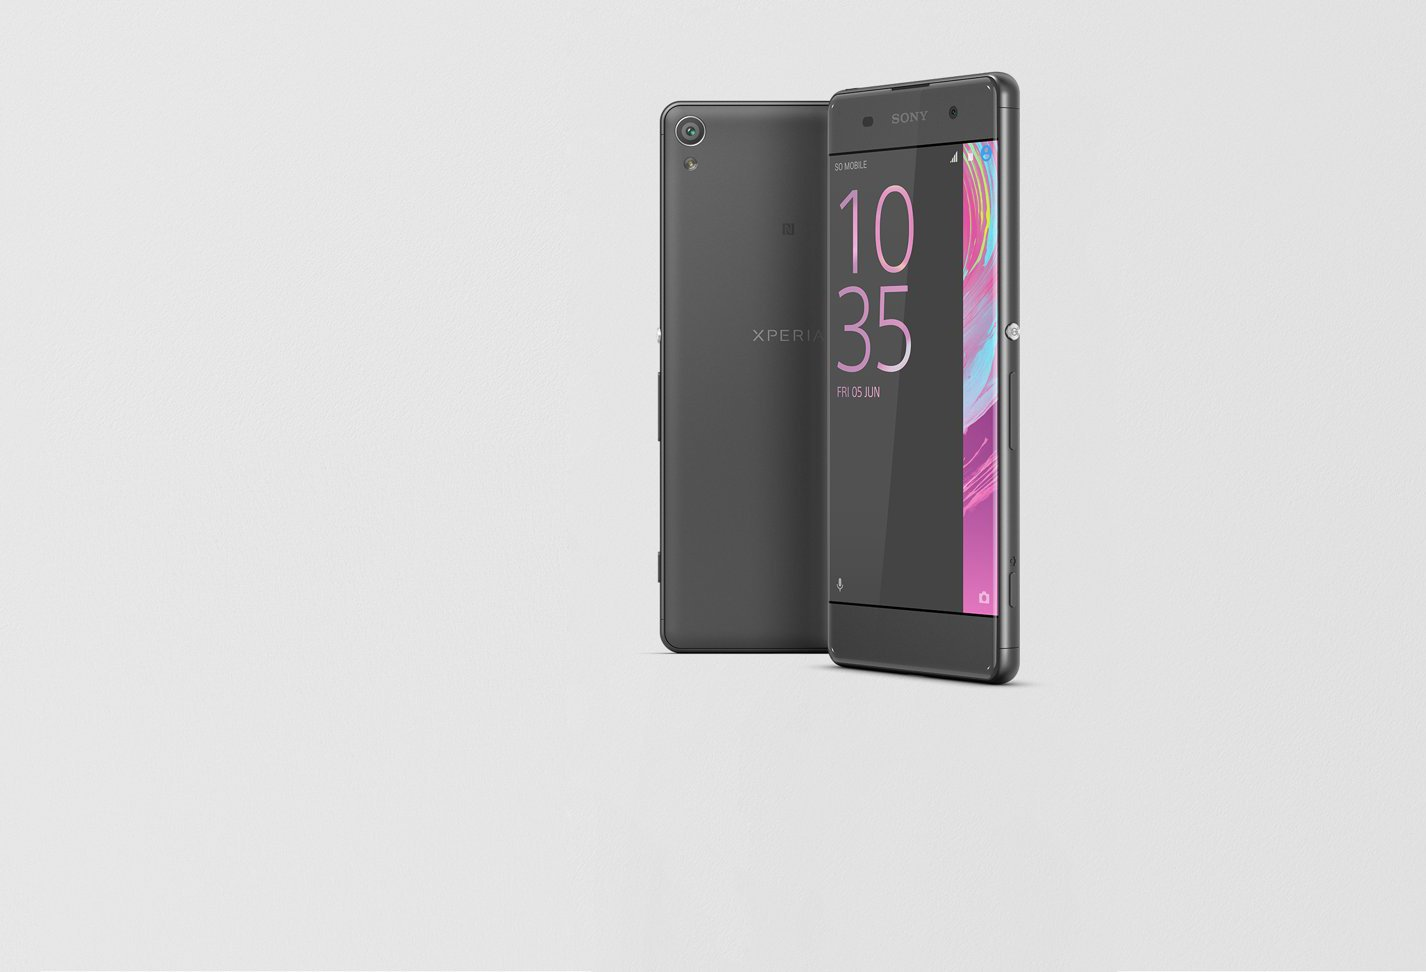 Sony Xperia XA - images